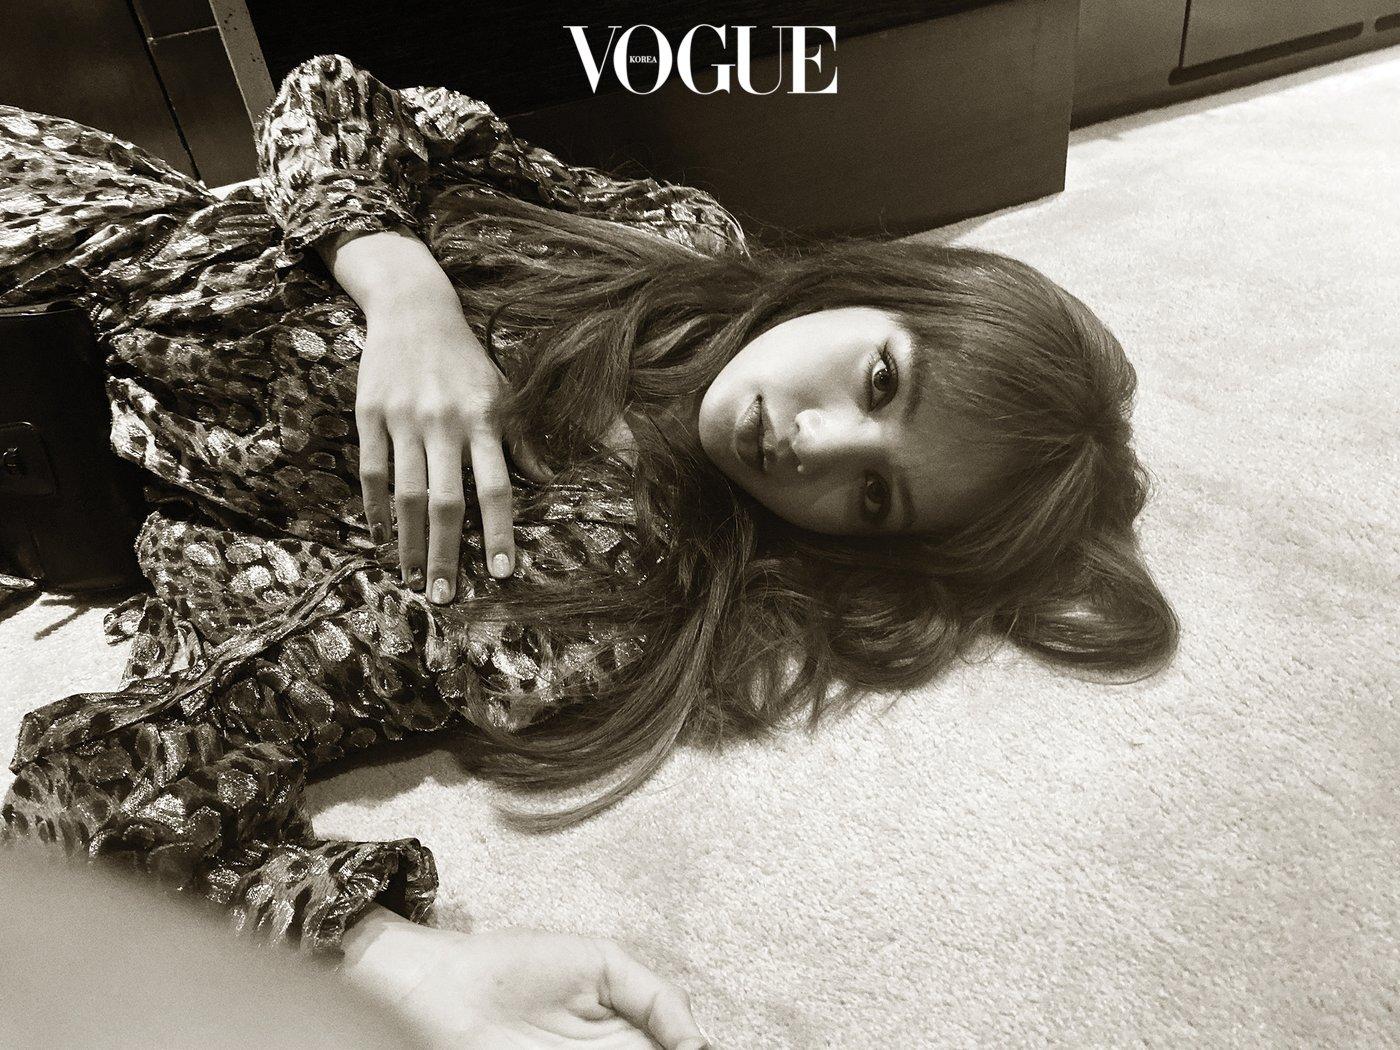 BLACKPINK的Lisa在《Vogue》韩国版上演狂野美女